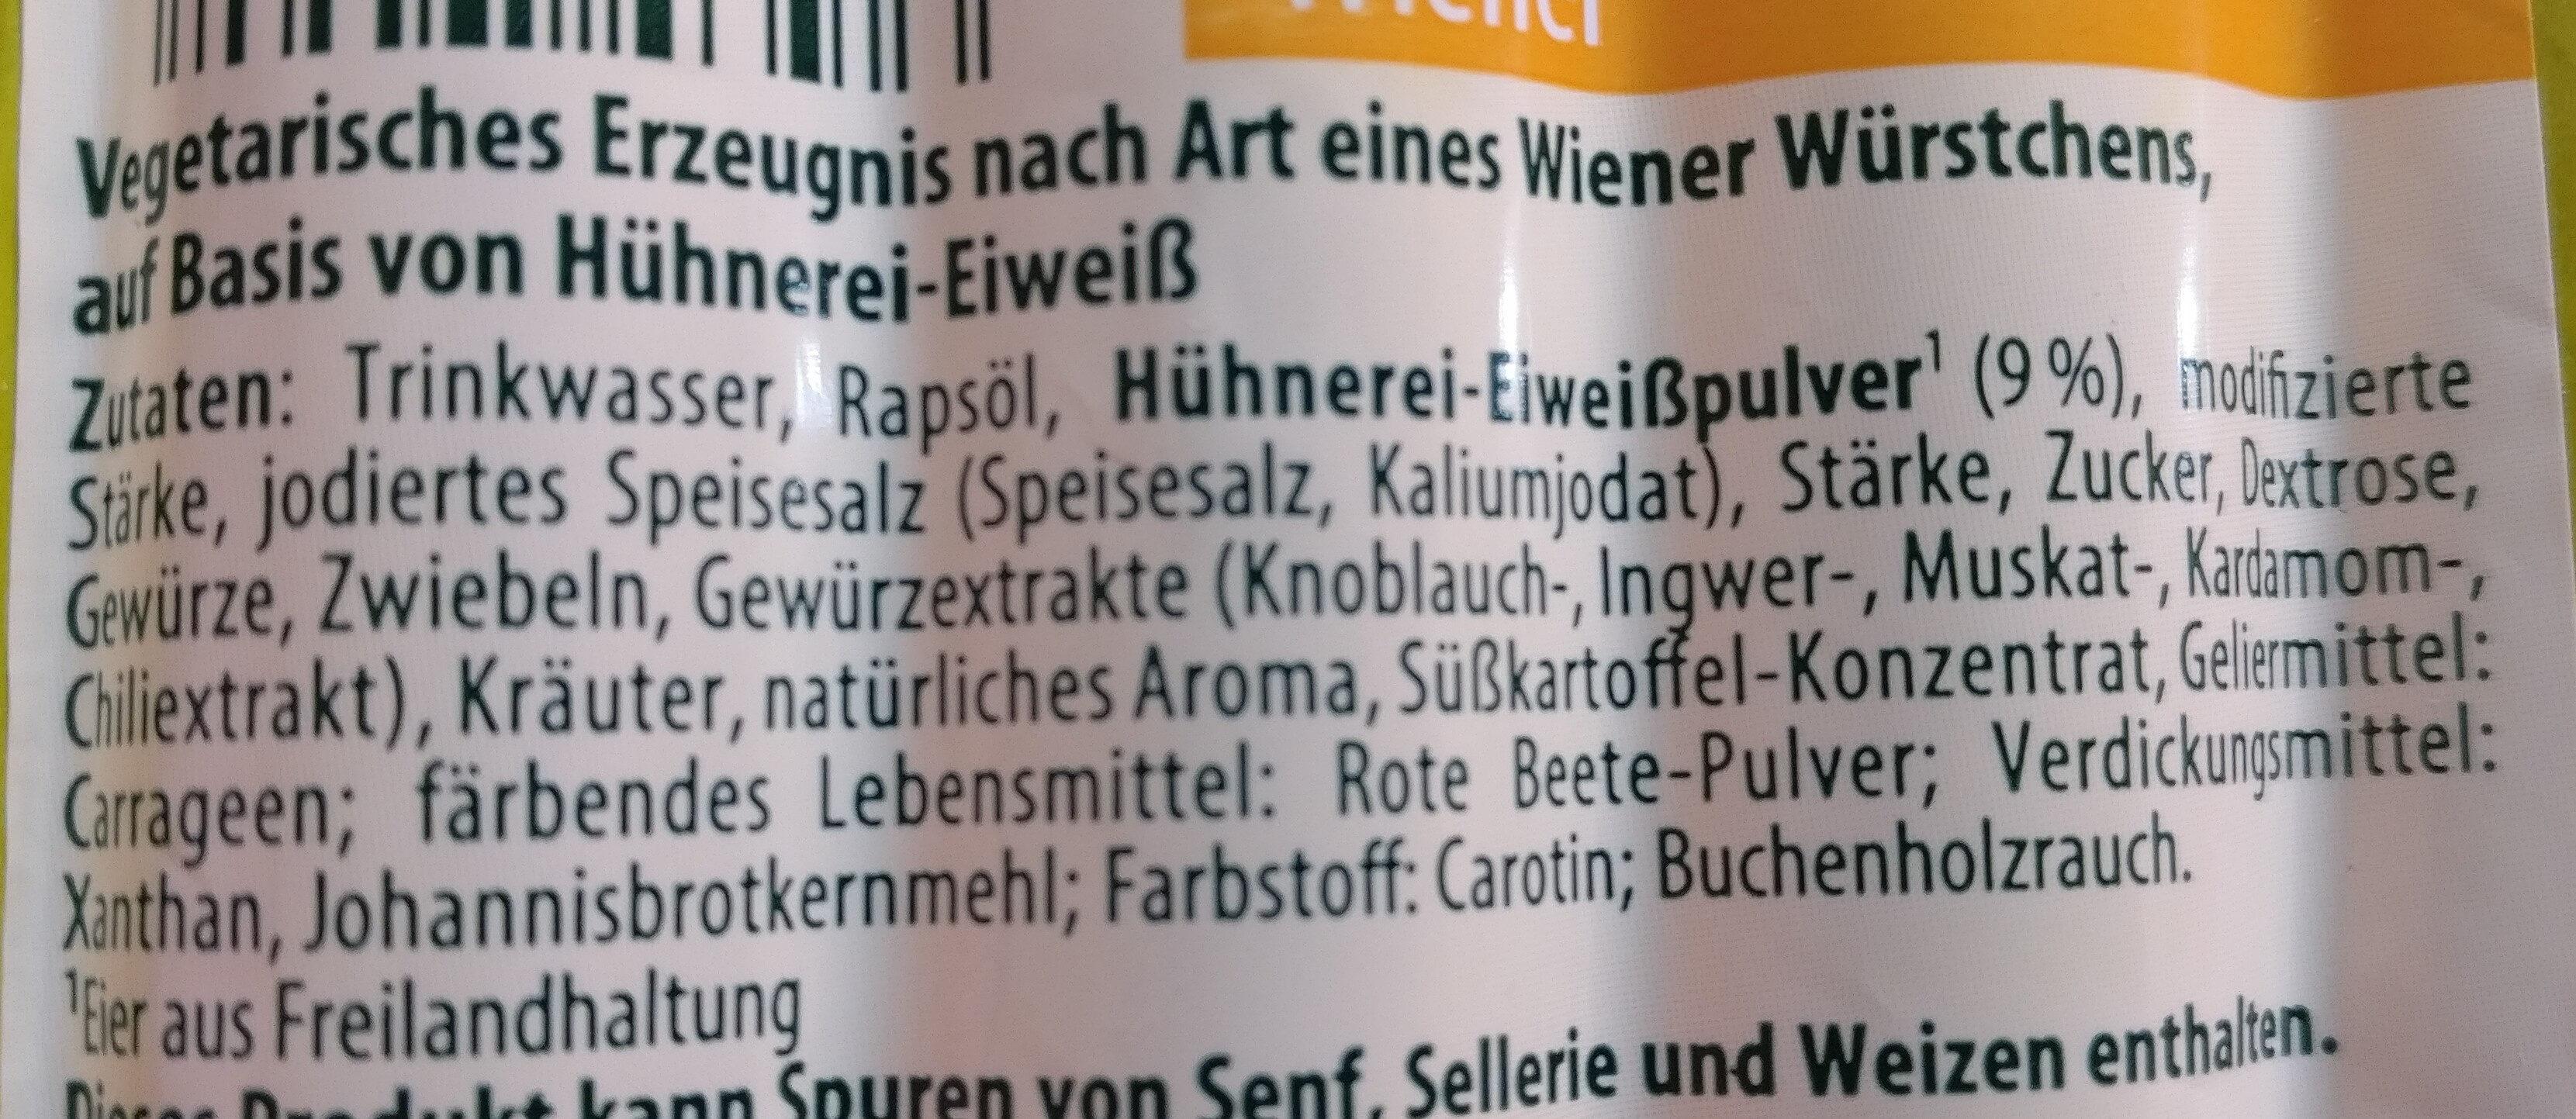 Mein Veggie Tag Heute Veggie Wiener Aus Hühnerei eiweiß - Ingrédients - de